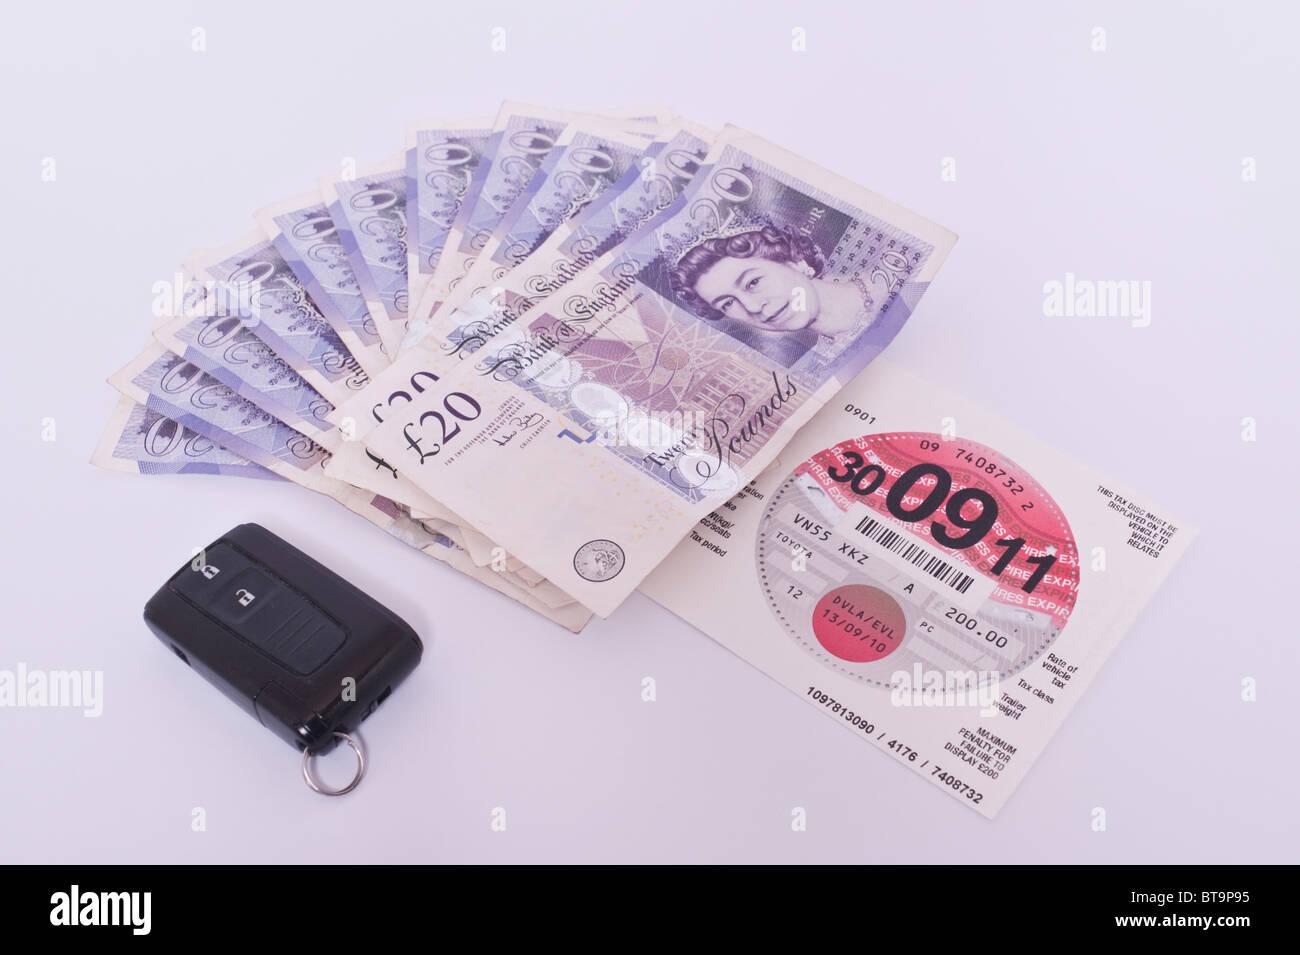 Un coche disco de impuestos de licencia del vehículo con €200 en efectivo y las llaves del coche sobre un fondo Imagen De Stock